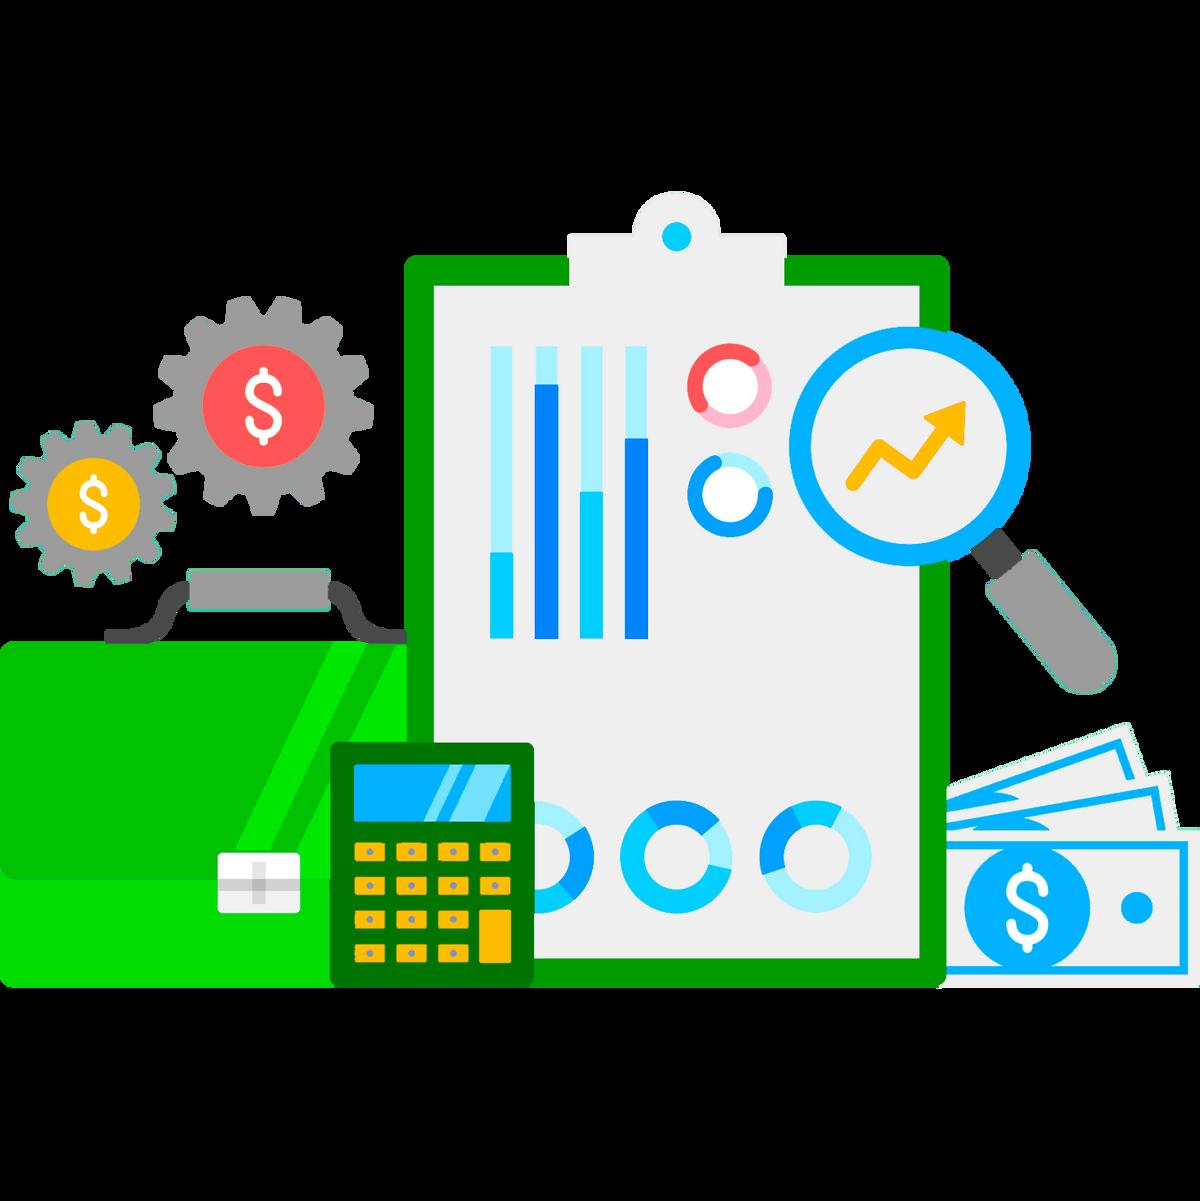 Передайте бухгалтерию на аутсорсинг — 20 учетных сервисов